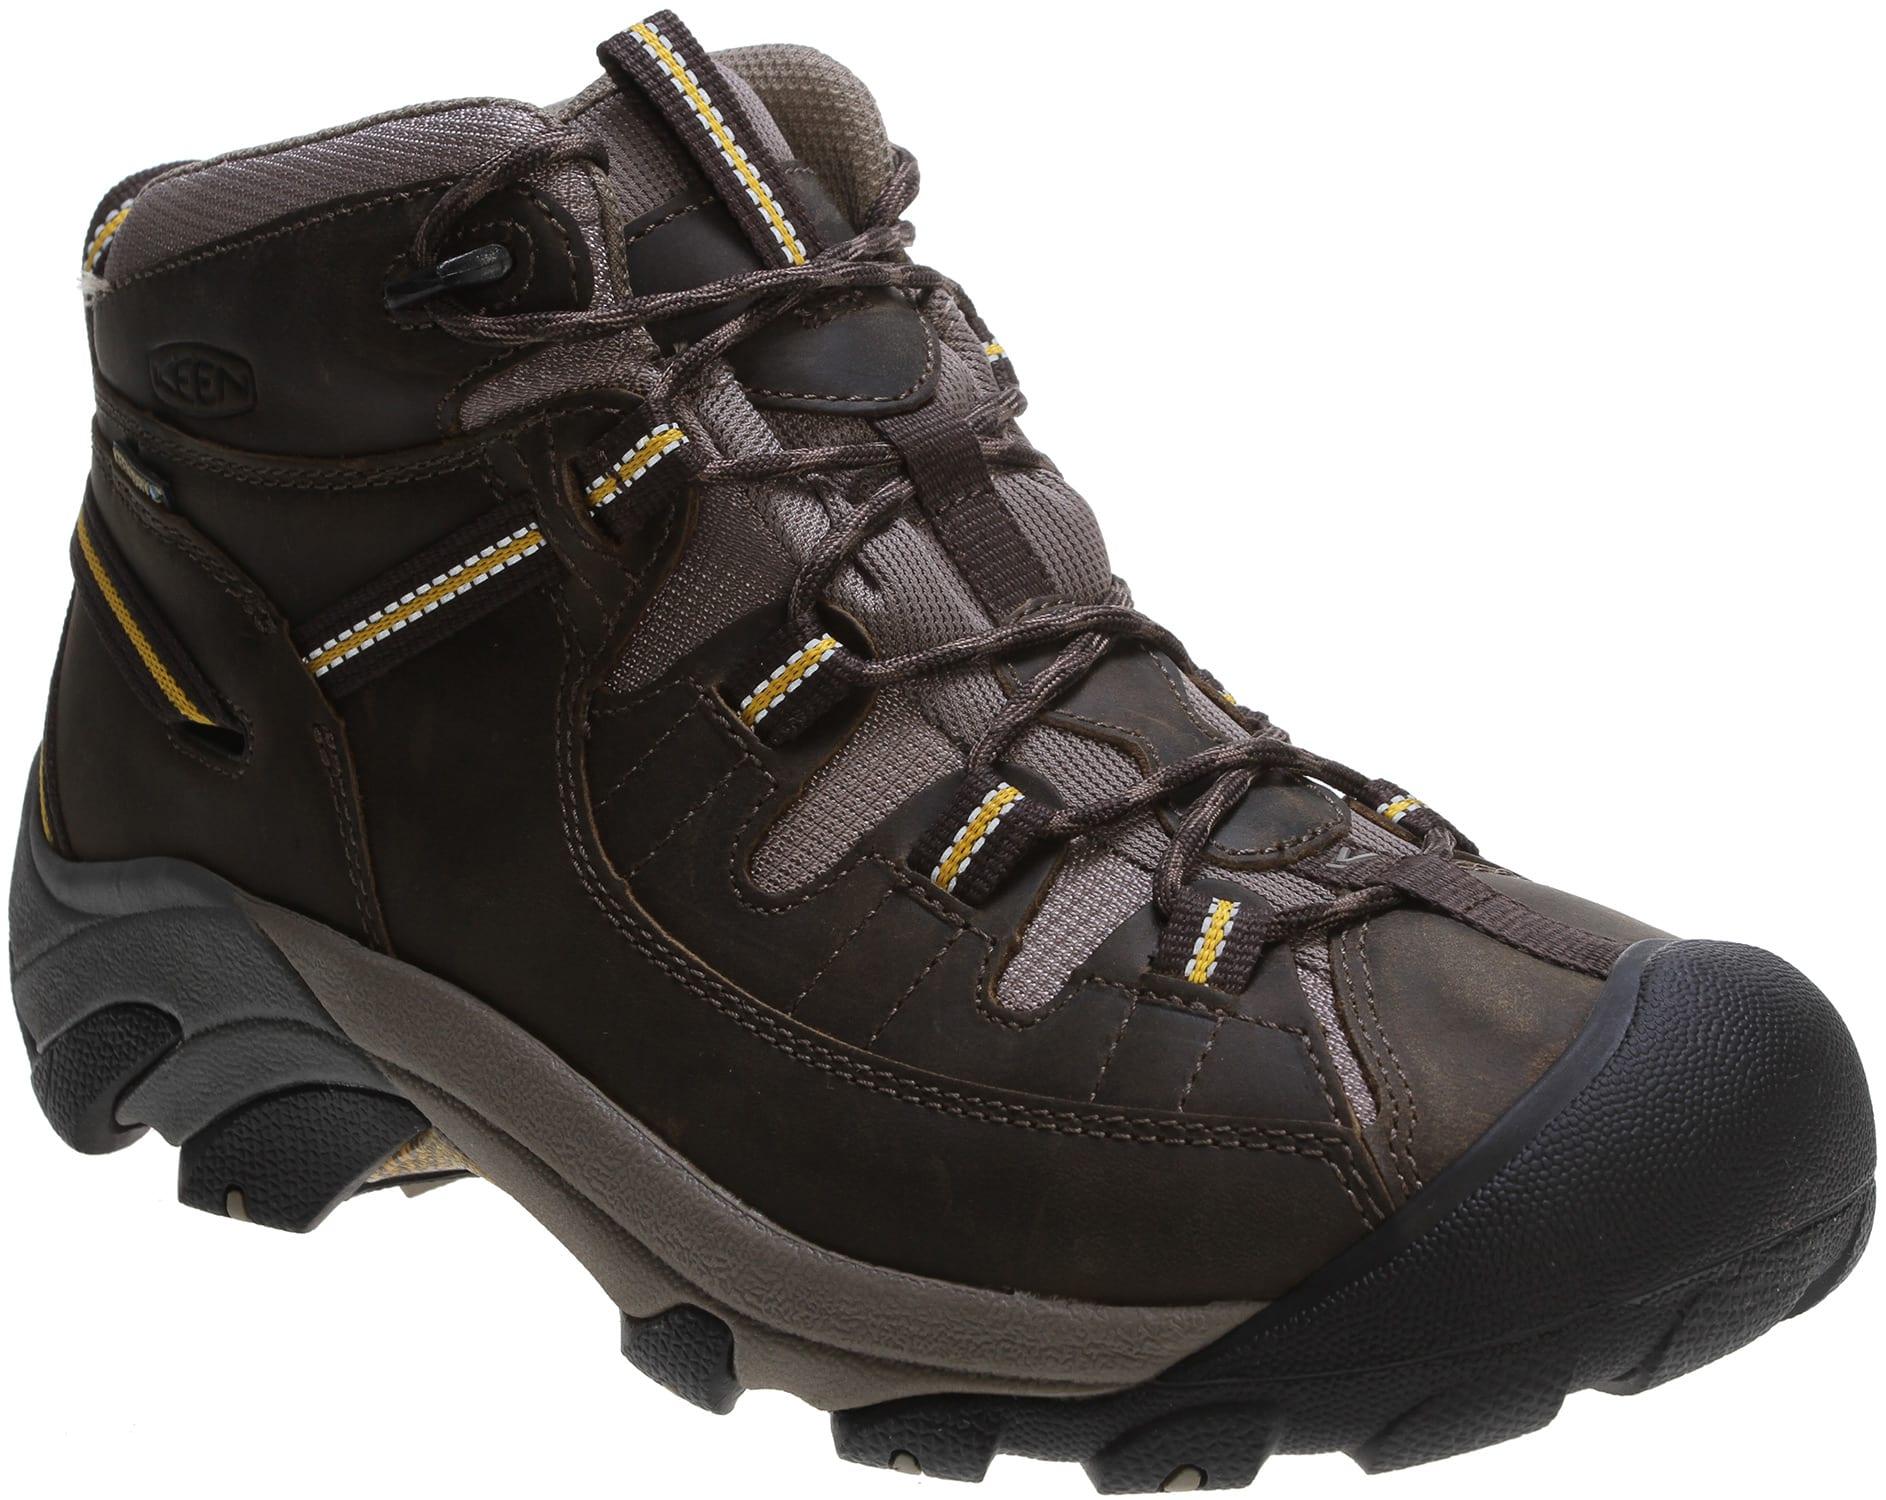 Keen Targhee Ii Mid Hiking Boots 2019